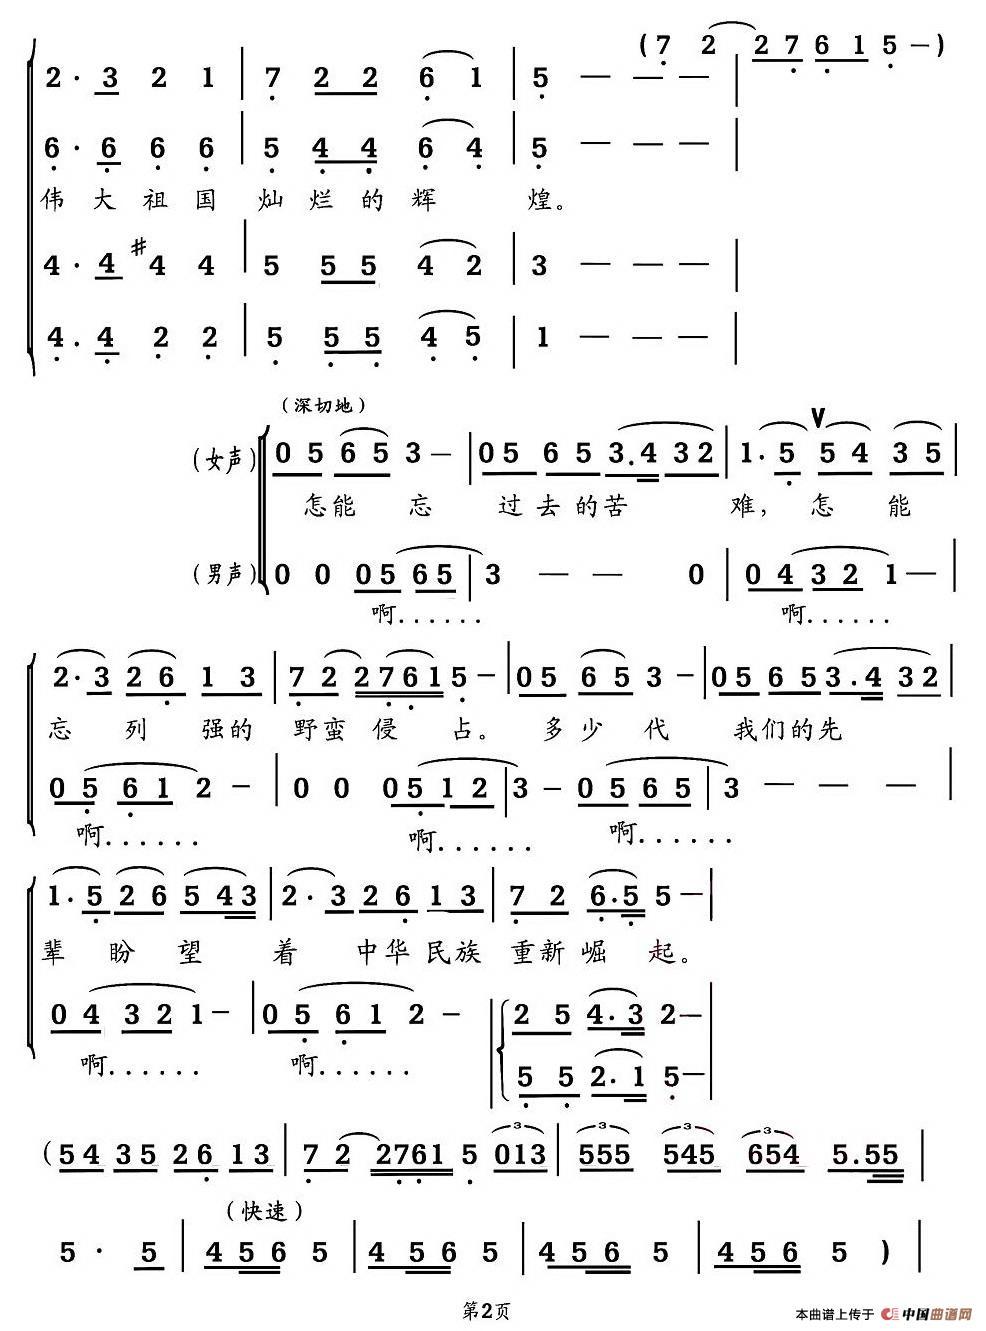 曲谱:红旗颂(王昌逵编合唱版)